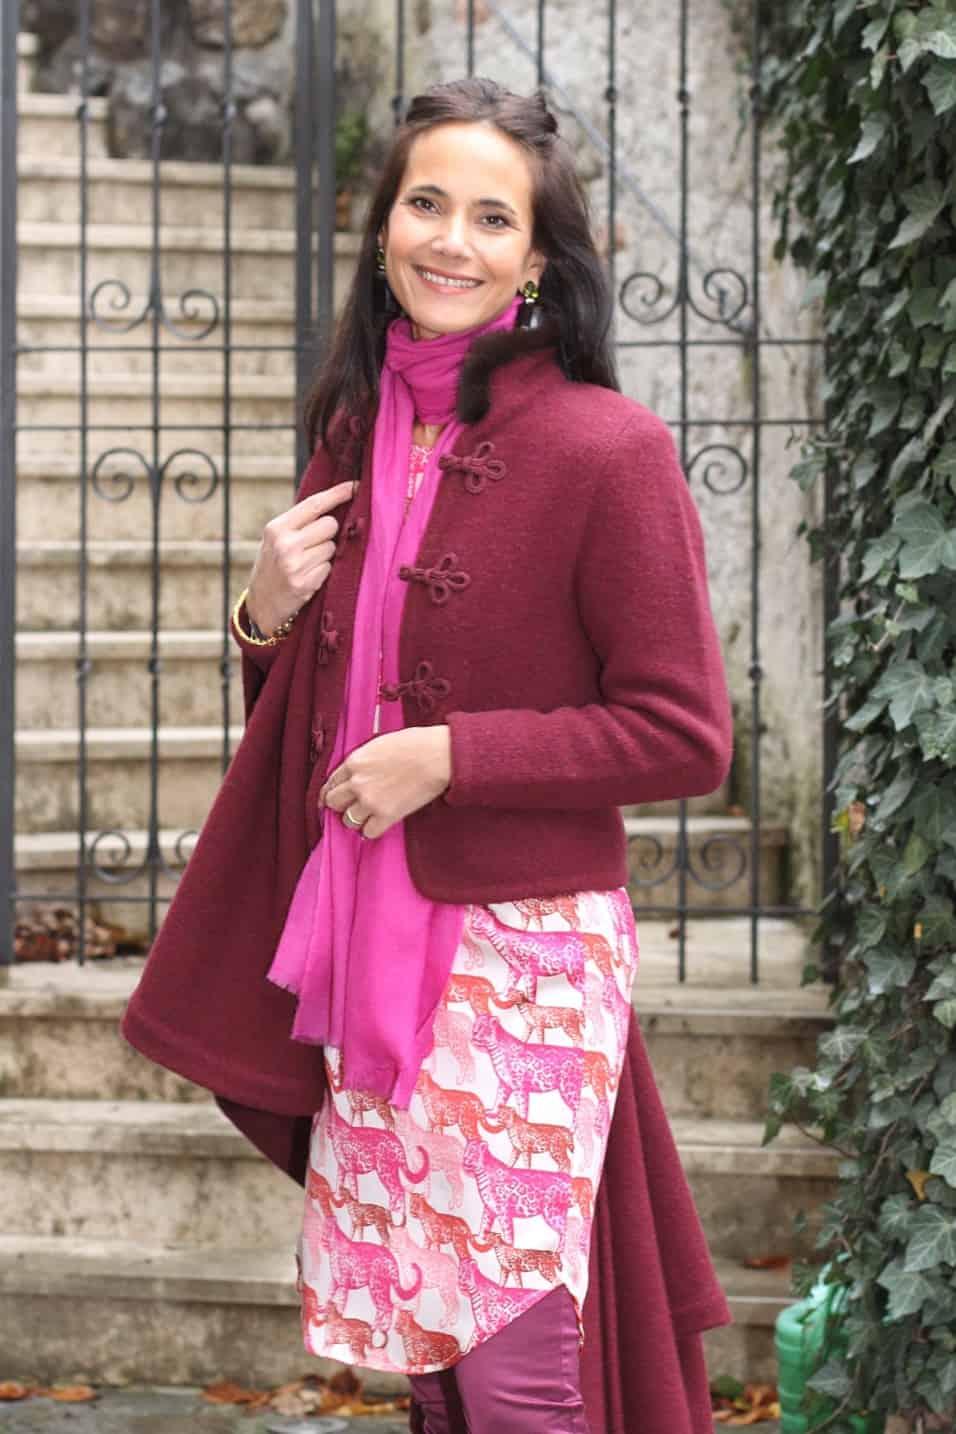 Jacket: L333 ma Color: 3191/uni (Fb.26)  Cape: L175 Color: 3191/3191+uni